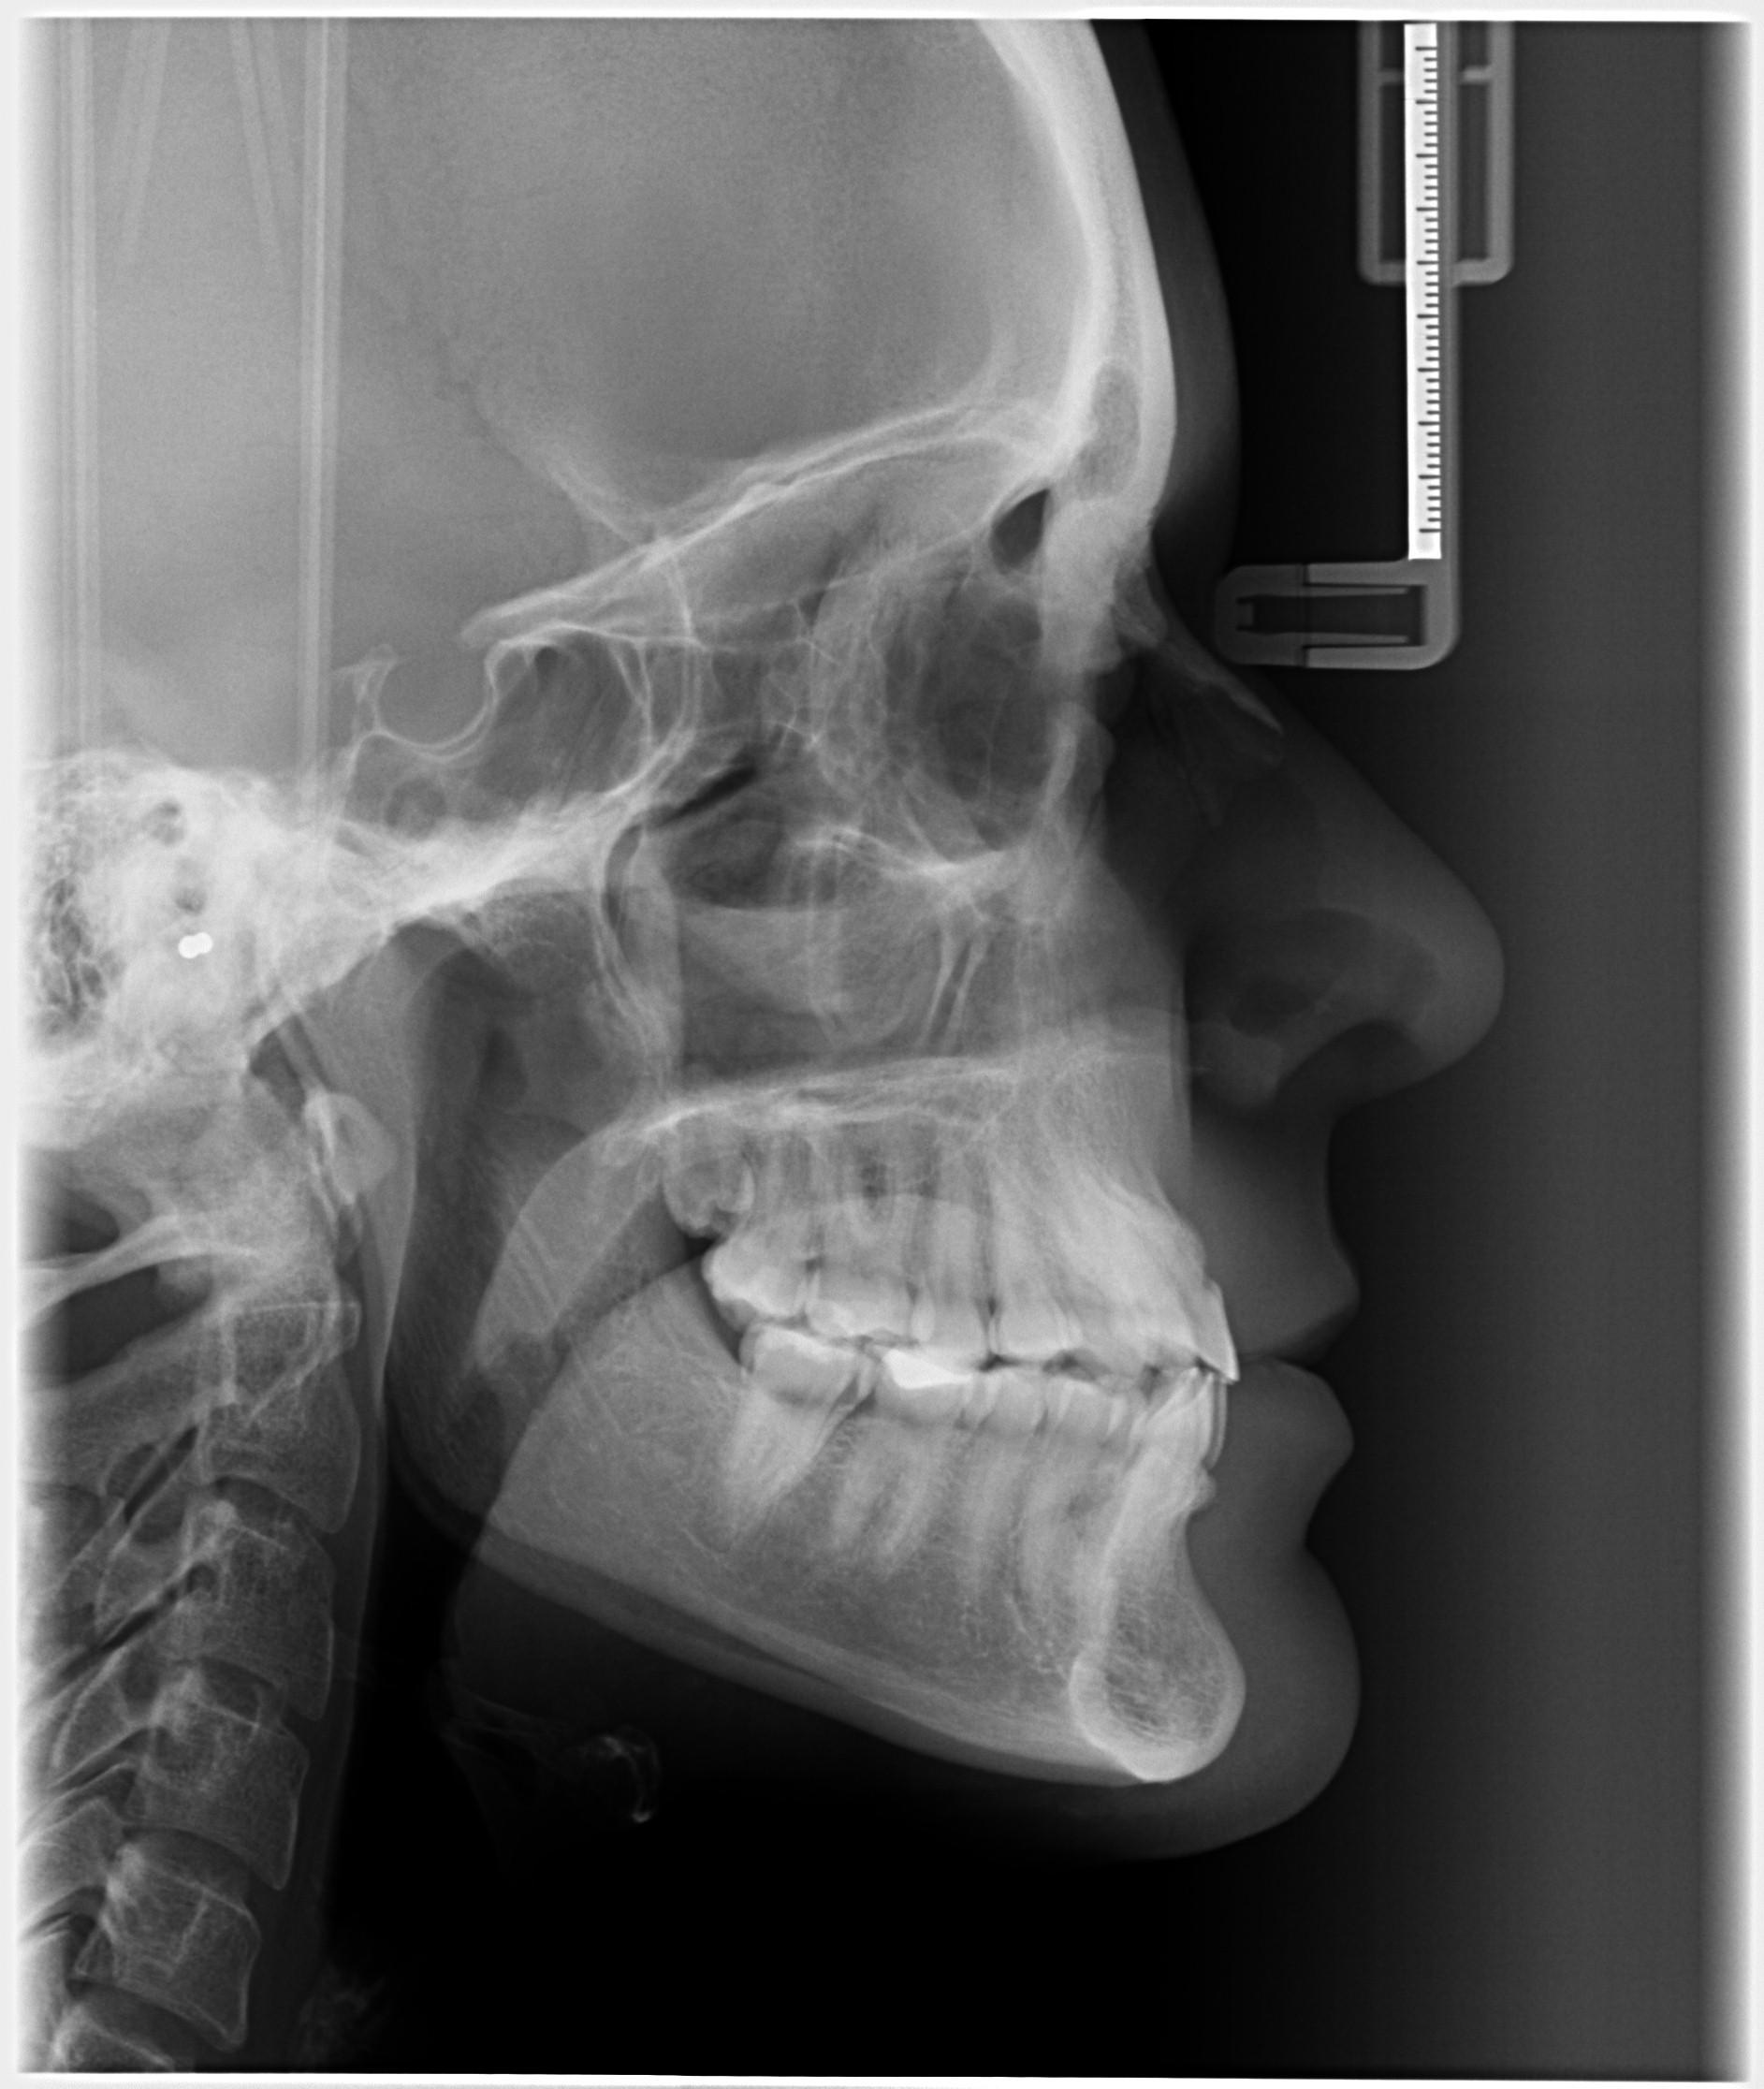 Telerradiografía Lateral del Cráneo